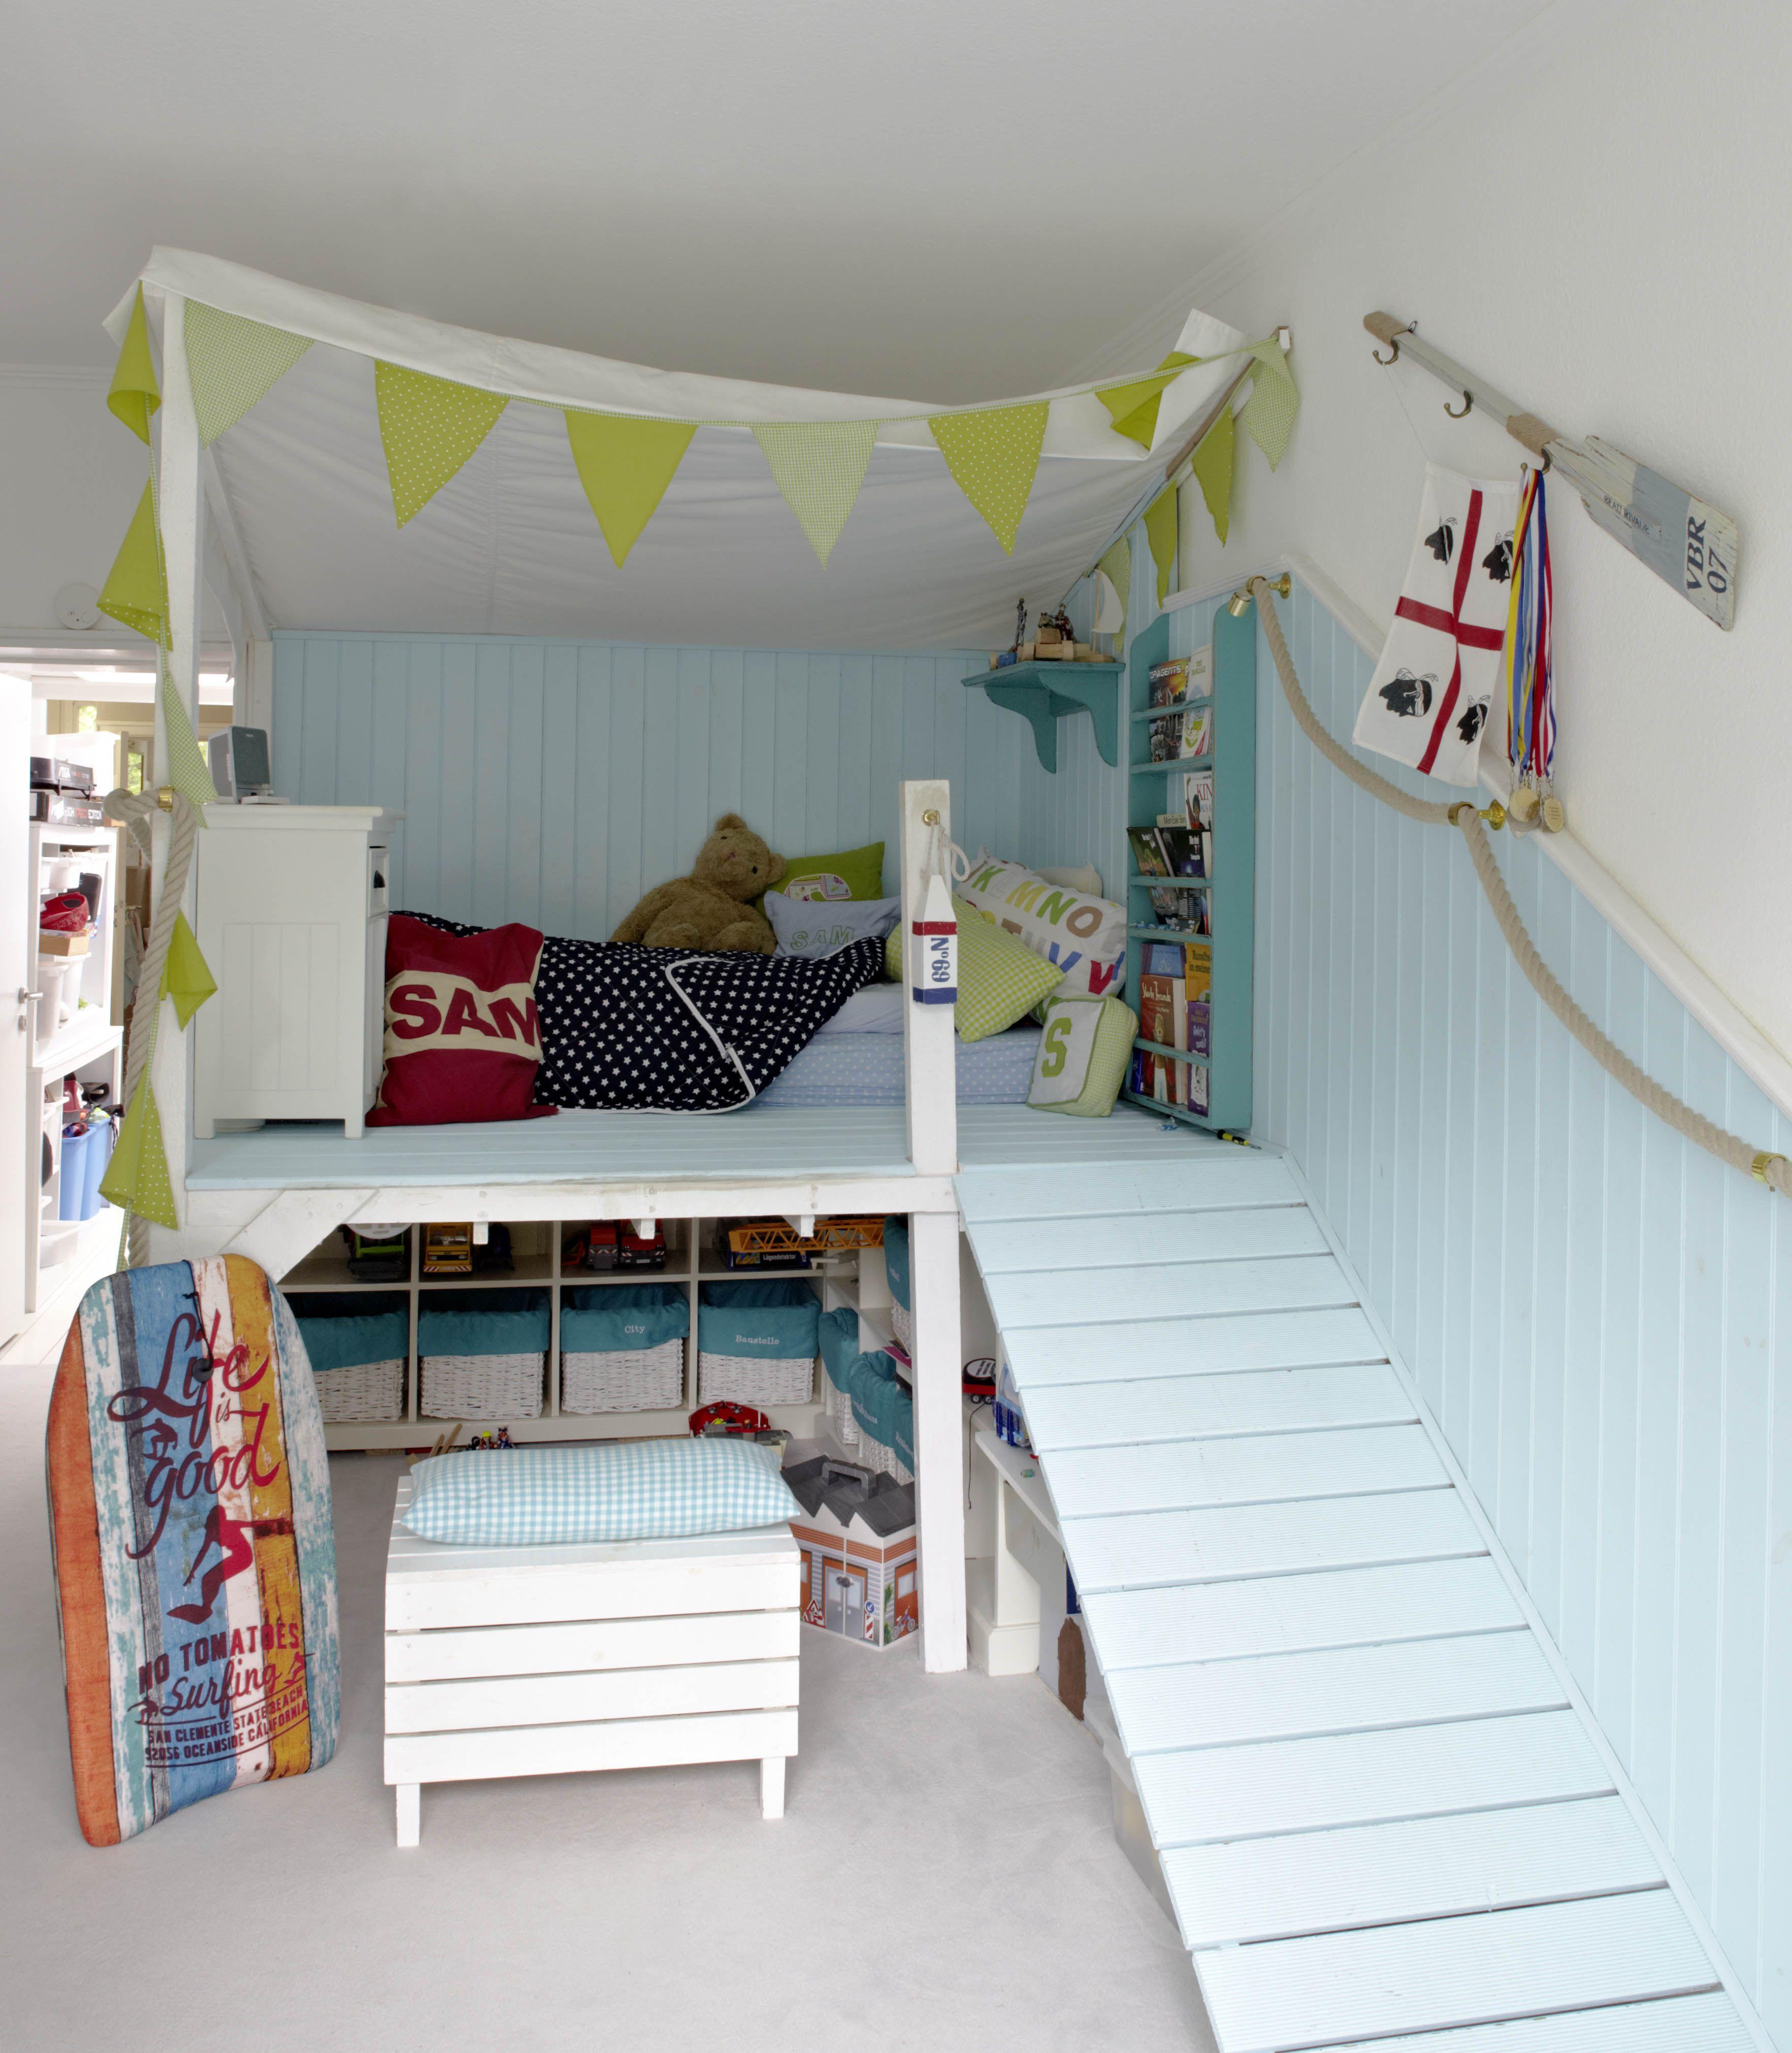 Ein Schlafzimmer Fur Unser Grosse Junger Surf Is Up Kinderschlafzimmer Schlafzimmer Jungs Jungszimmer Kinderschlafzimmer Surfer Zimmer Kinderbett Junge